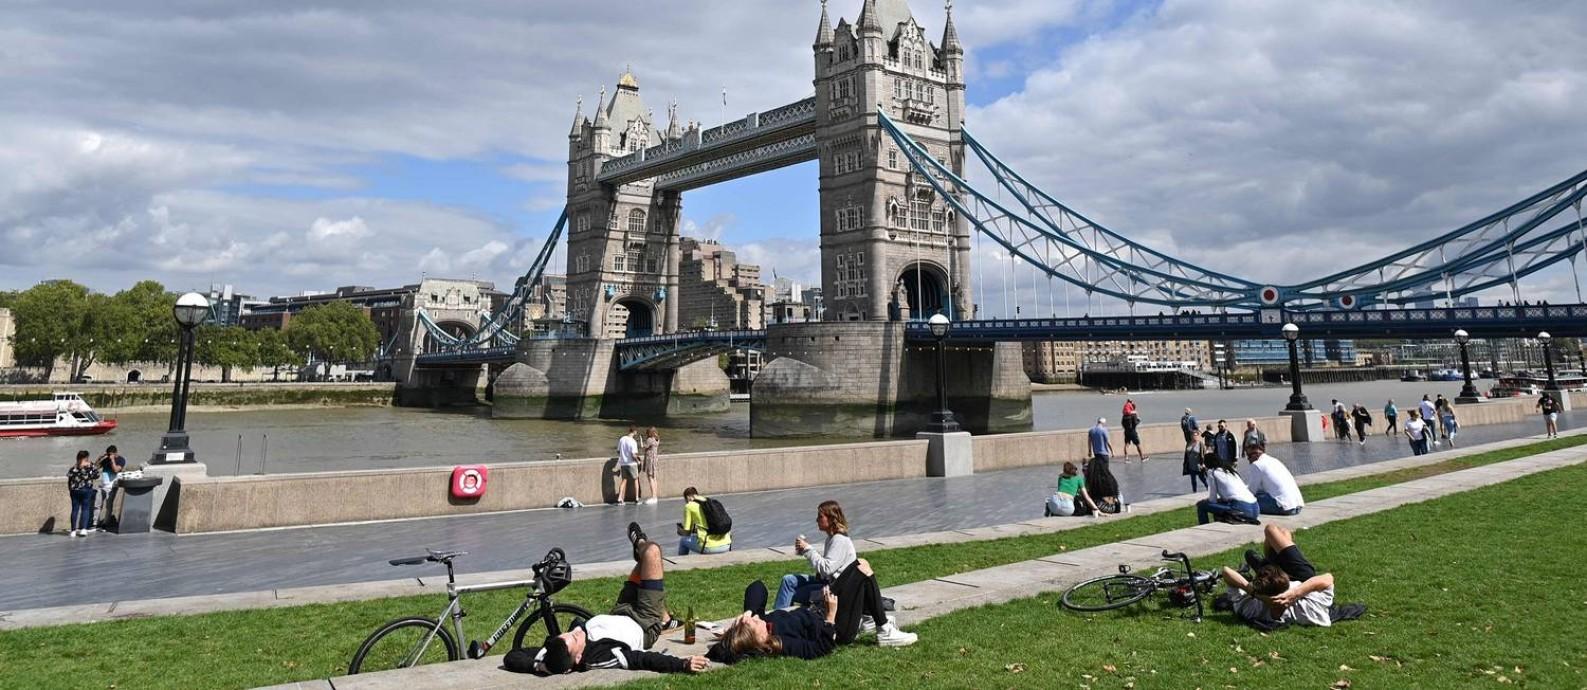 Pessoas aproveitam um dia de sol às margens do Rio Tâmisa, na altura da Tower Bridge, um dos cartões-postais de Londres Foto: JUSTIN TALLIS / AFP